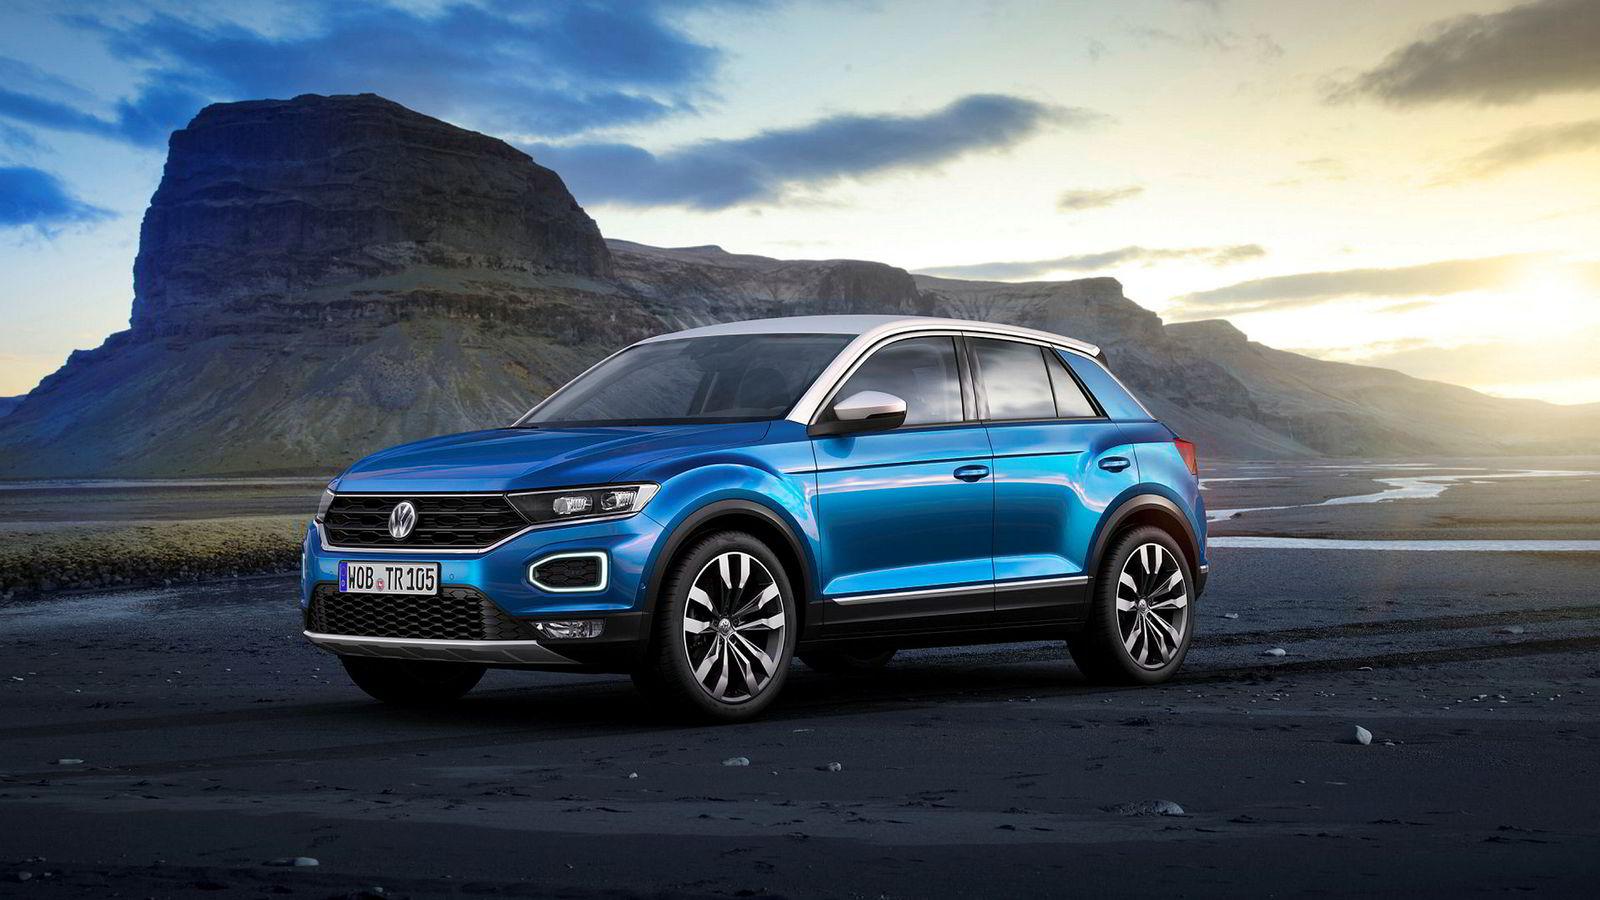 Friske linjer på den nye suven fra Volkswagen: T-Roc.